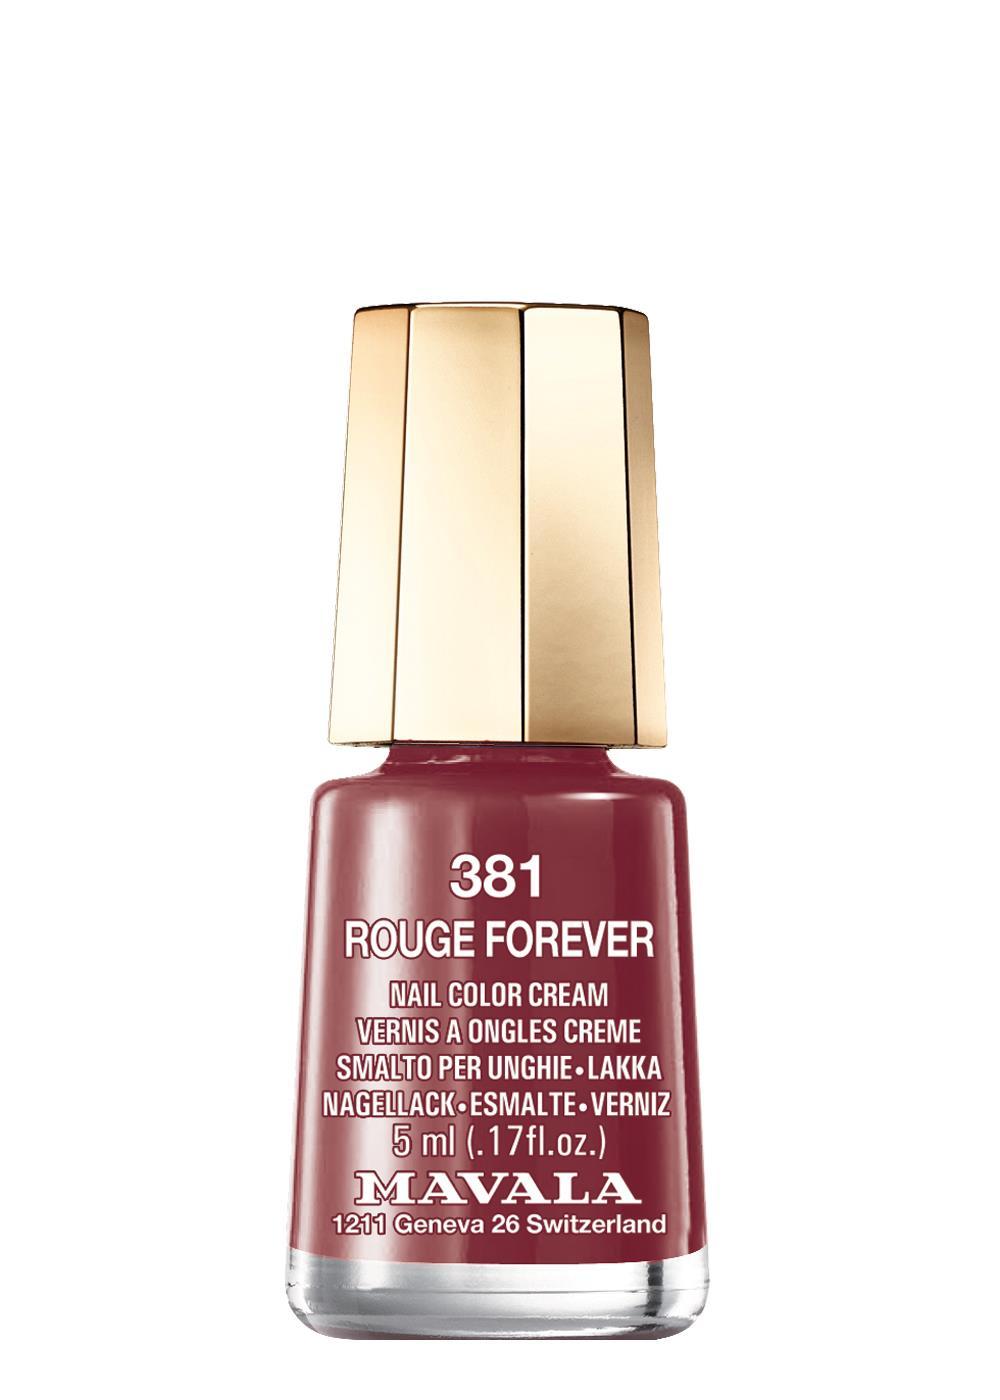 Mavala 381 Rouge Forever Oje